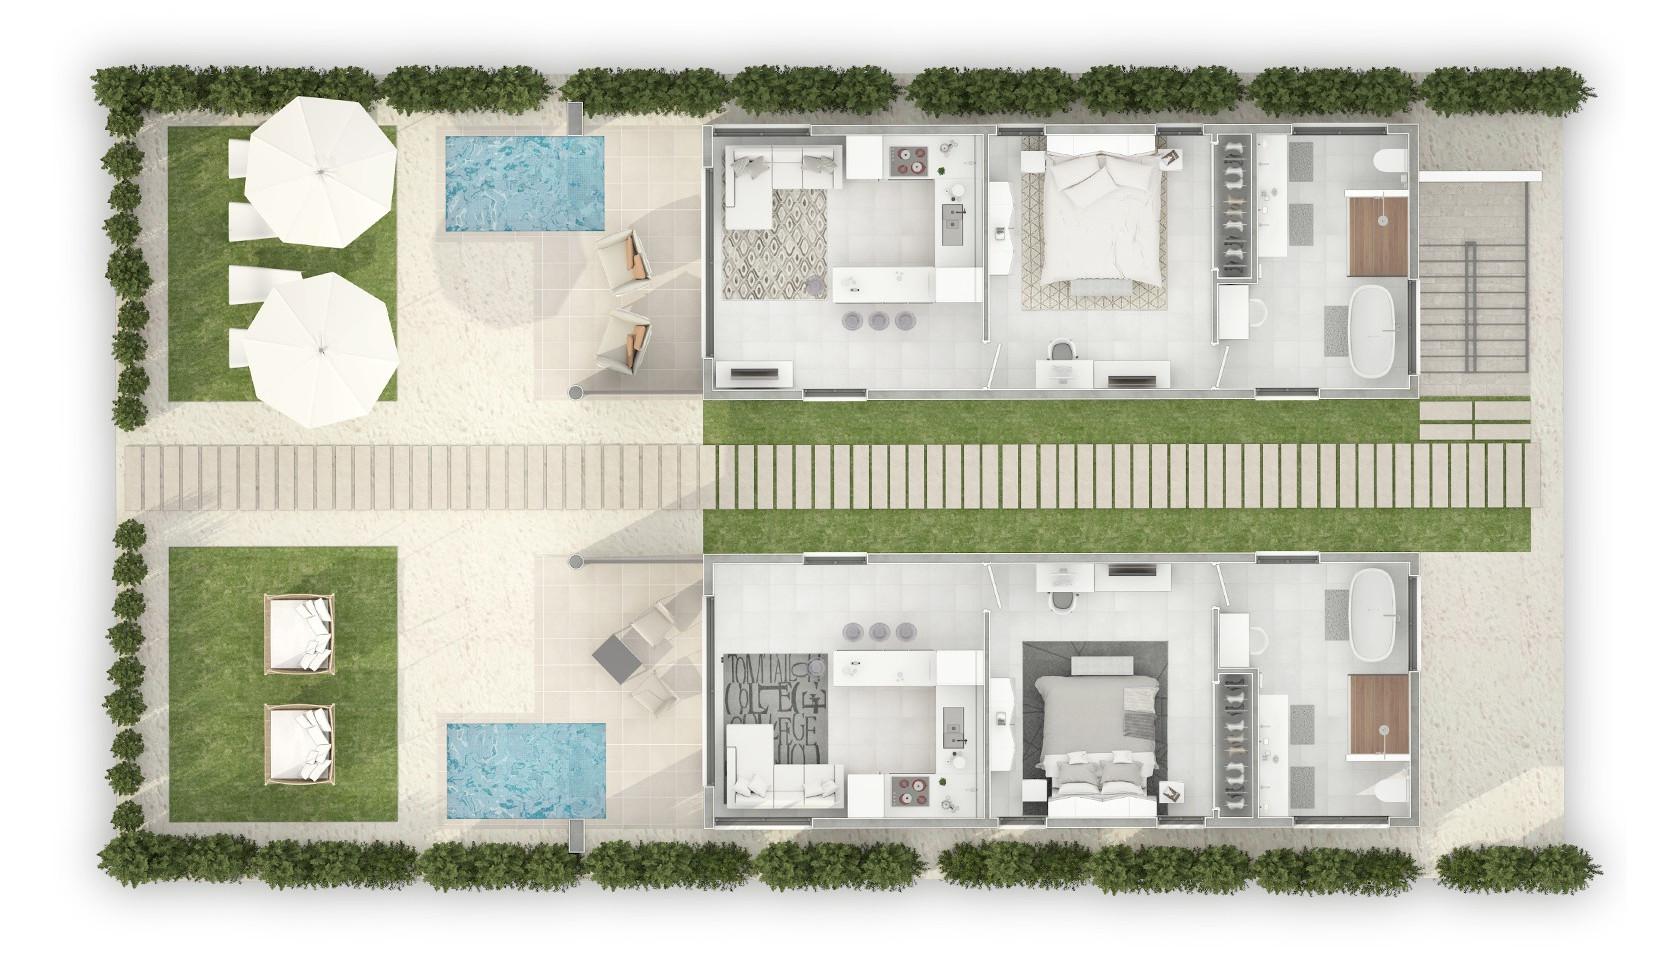 1 Bedrrom w:sofa floor plan.jpg